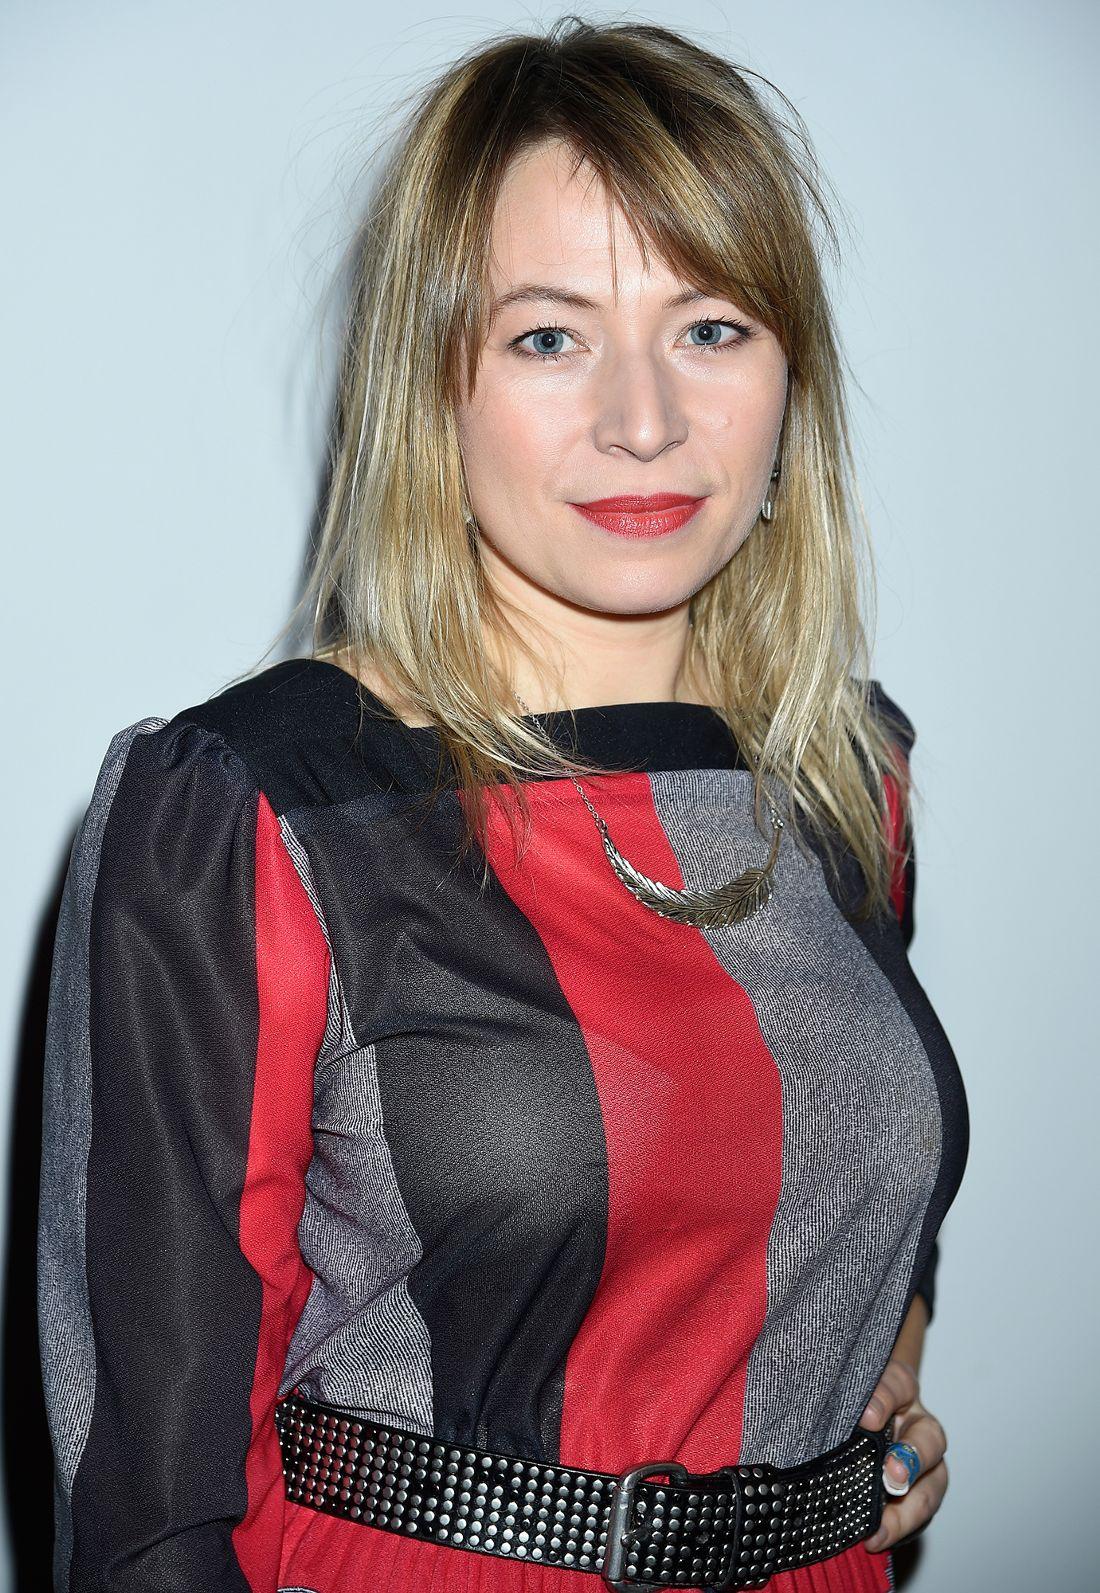 Sarah-Sofie Boussnina - Películas, biografías y listas en MUBI